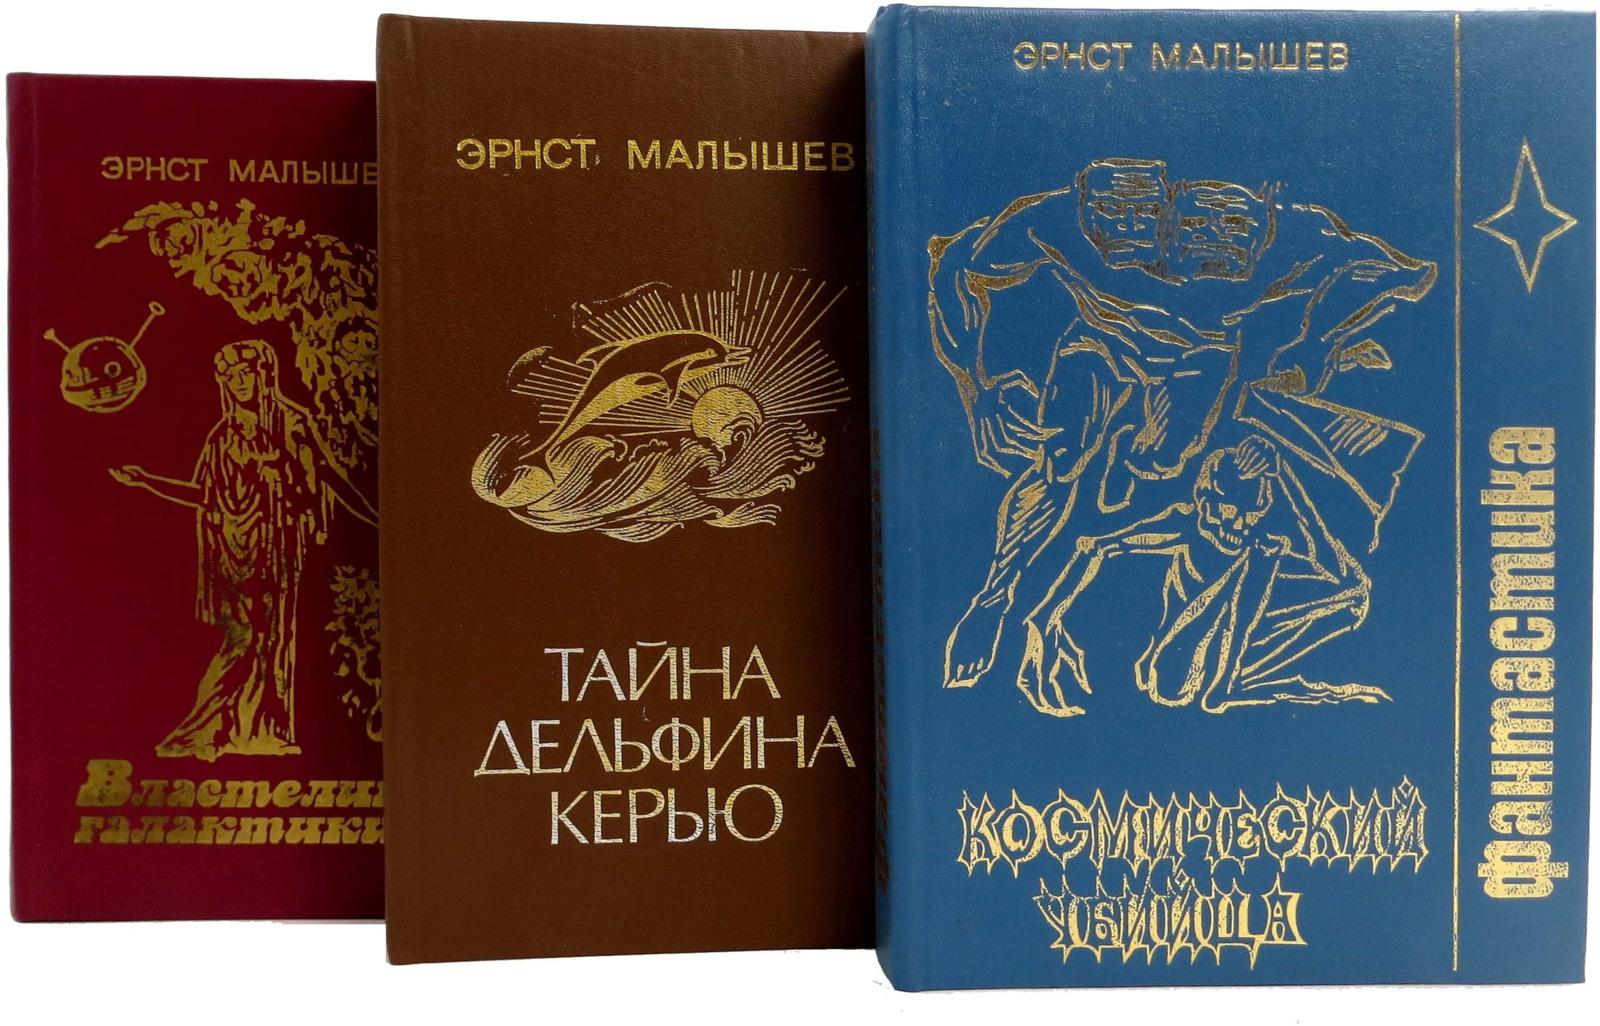 Малышев Э. Эрнст Малышев. Фантастика (комплект из 3 книг)